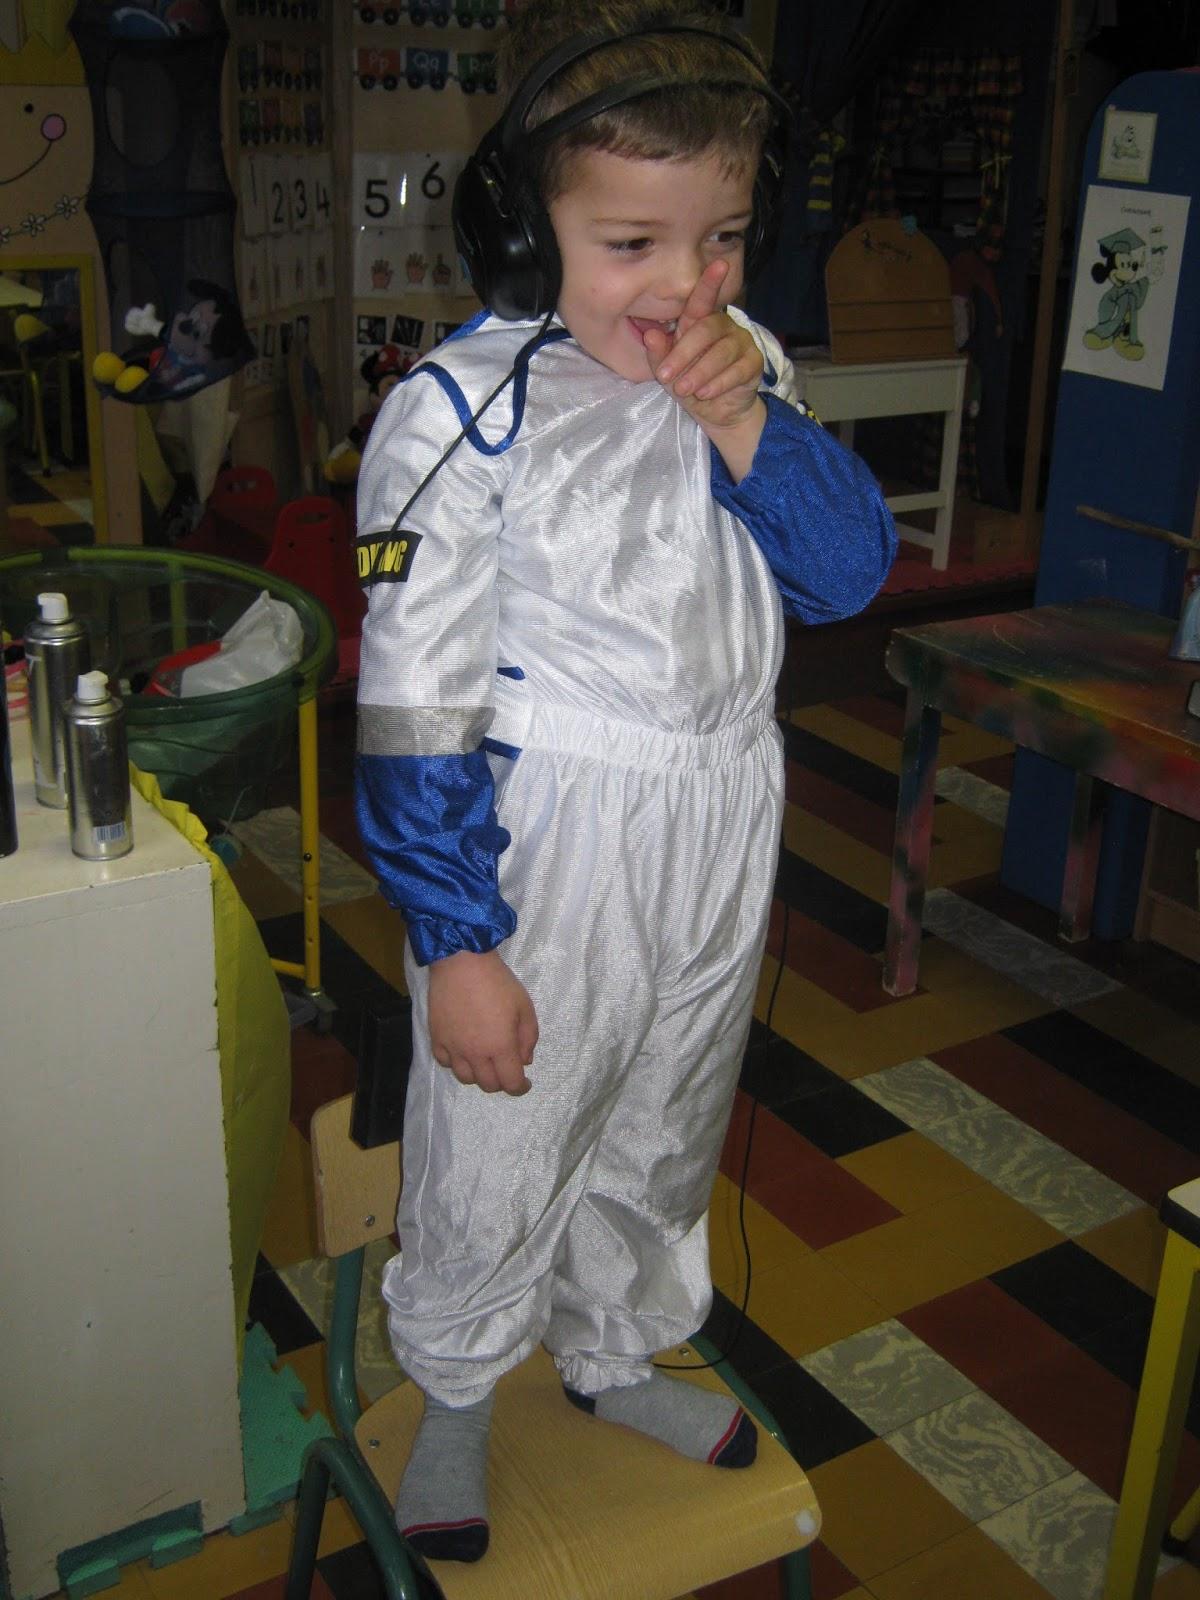 39 t belhameltje derde kleuterklas thema in de ruimte - Hoe hij zijn teen ruimte organiseren ...